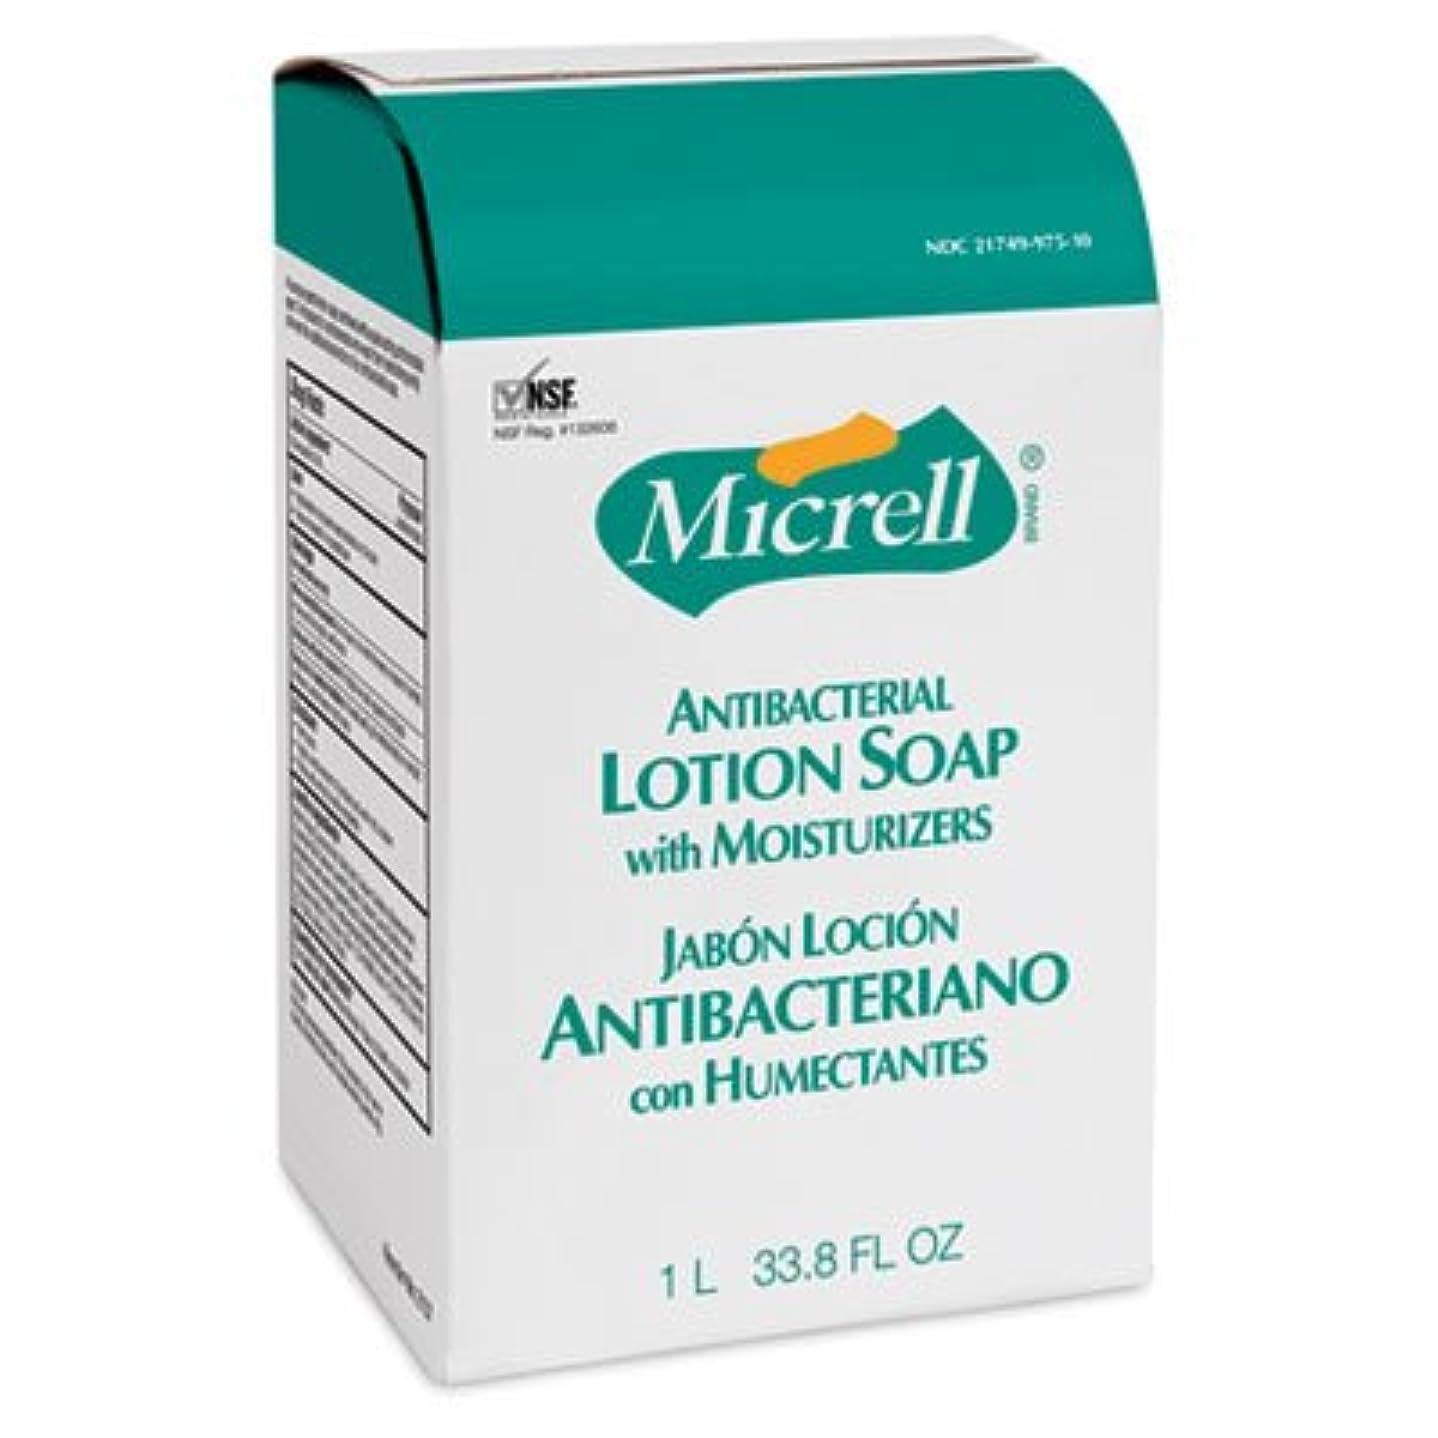 判定百いつもgoj215708 – GOJO Micrell抗菌ローションソープ詰め替え